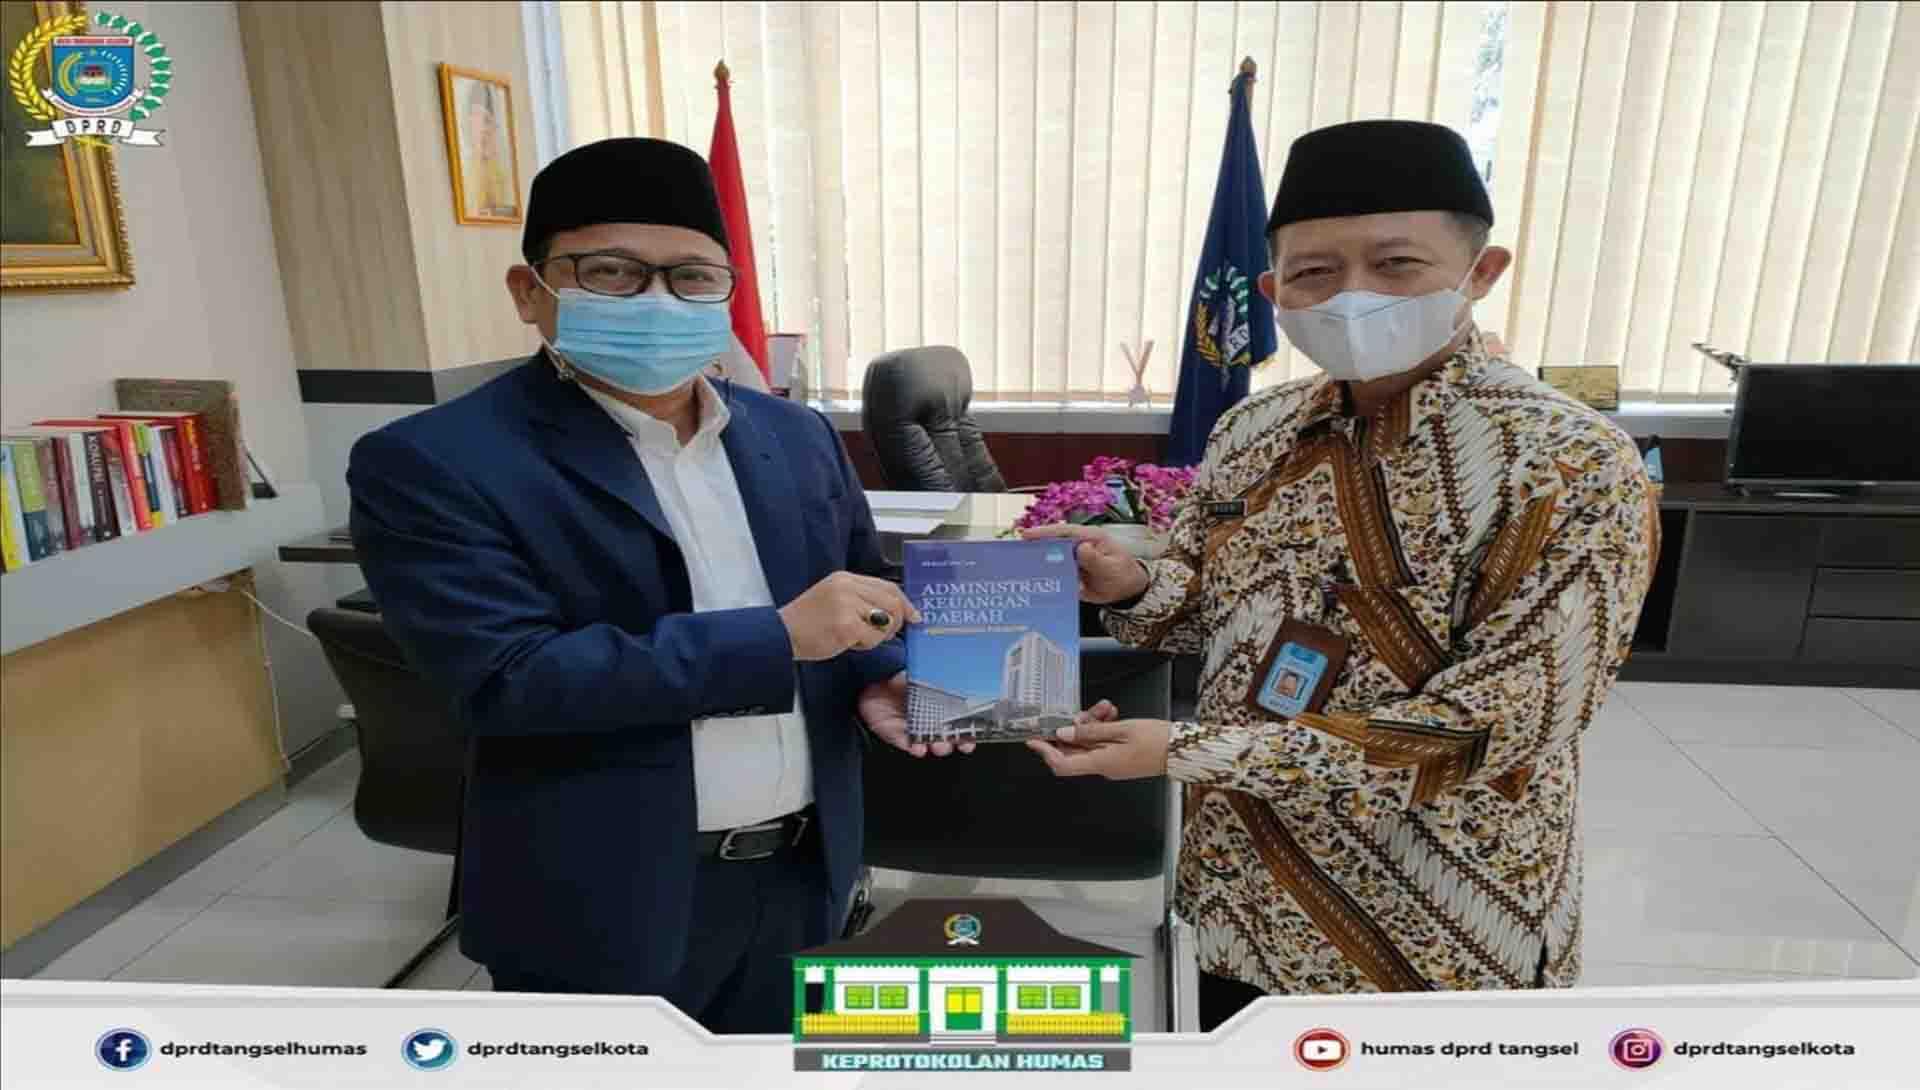 Ketua DPRD menerima simbolis Donasi Buku Administrasi Keuangan Daerah